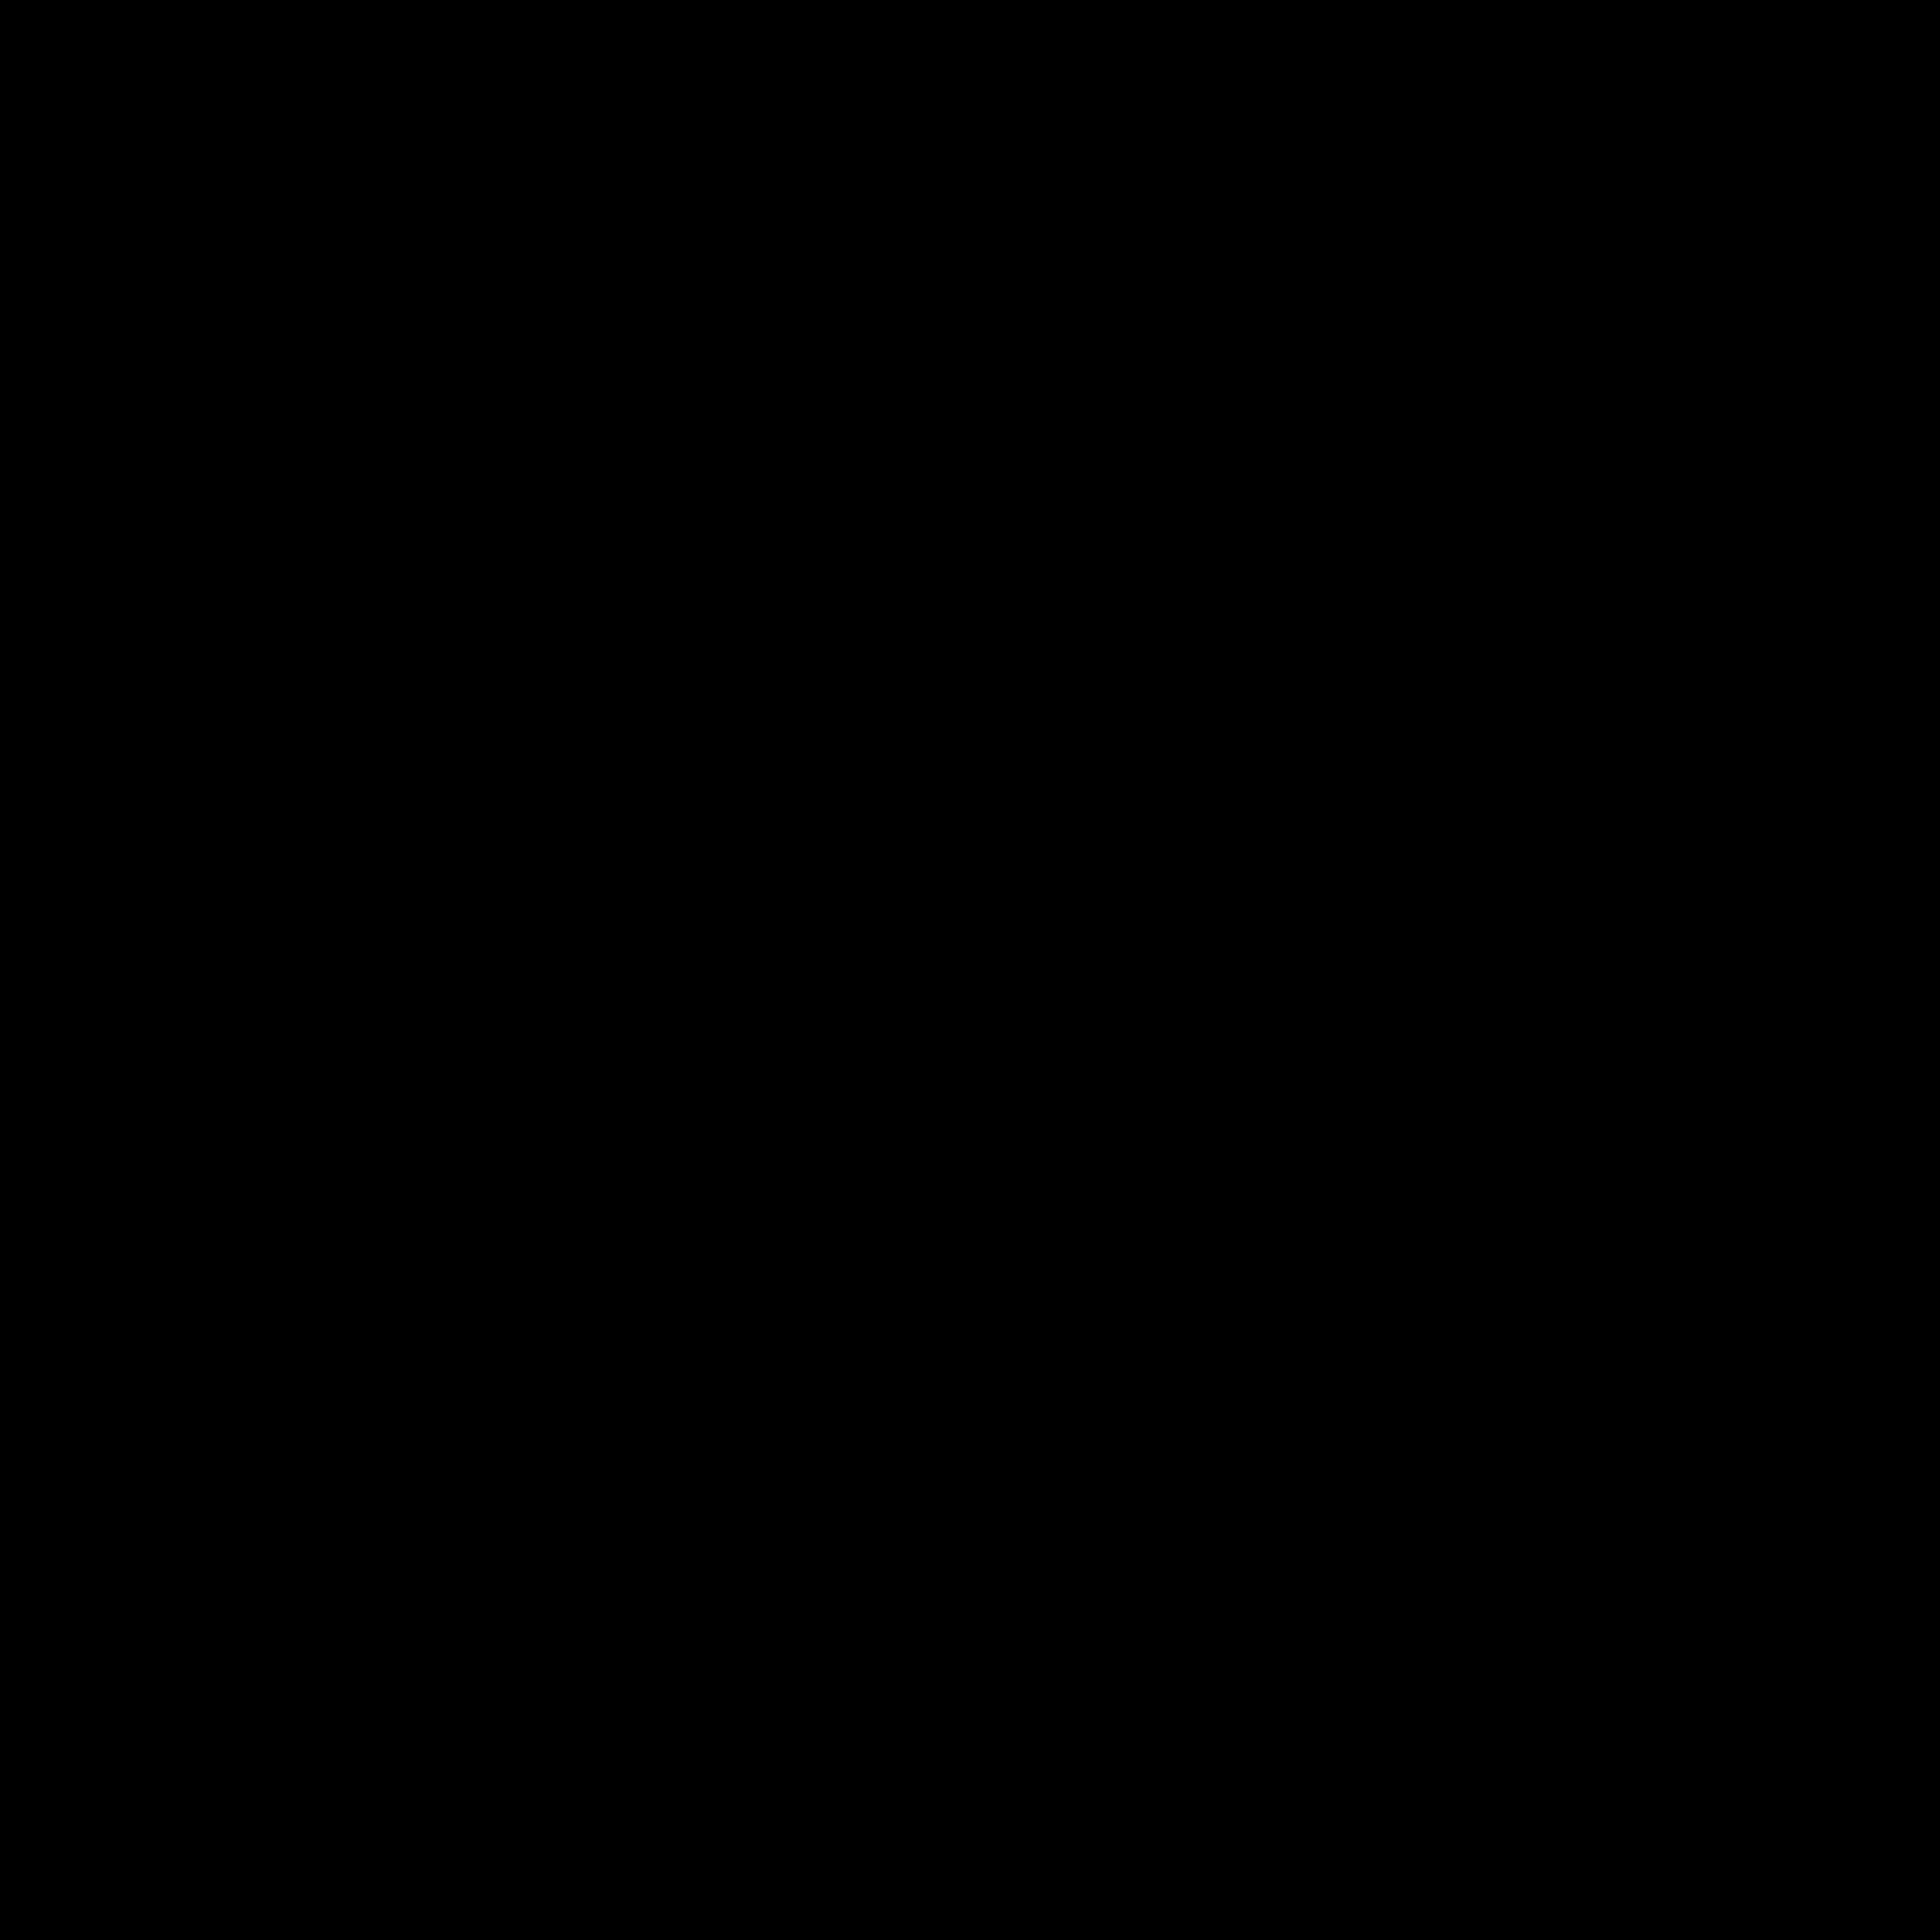 Ouroboros PNG - 7049